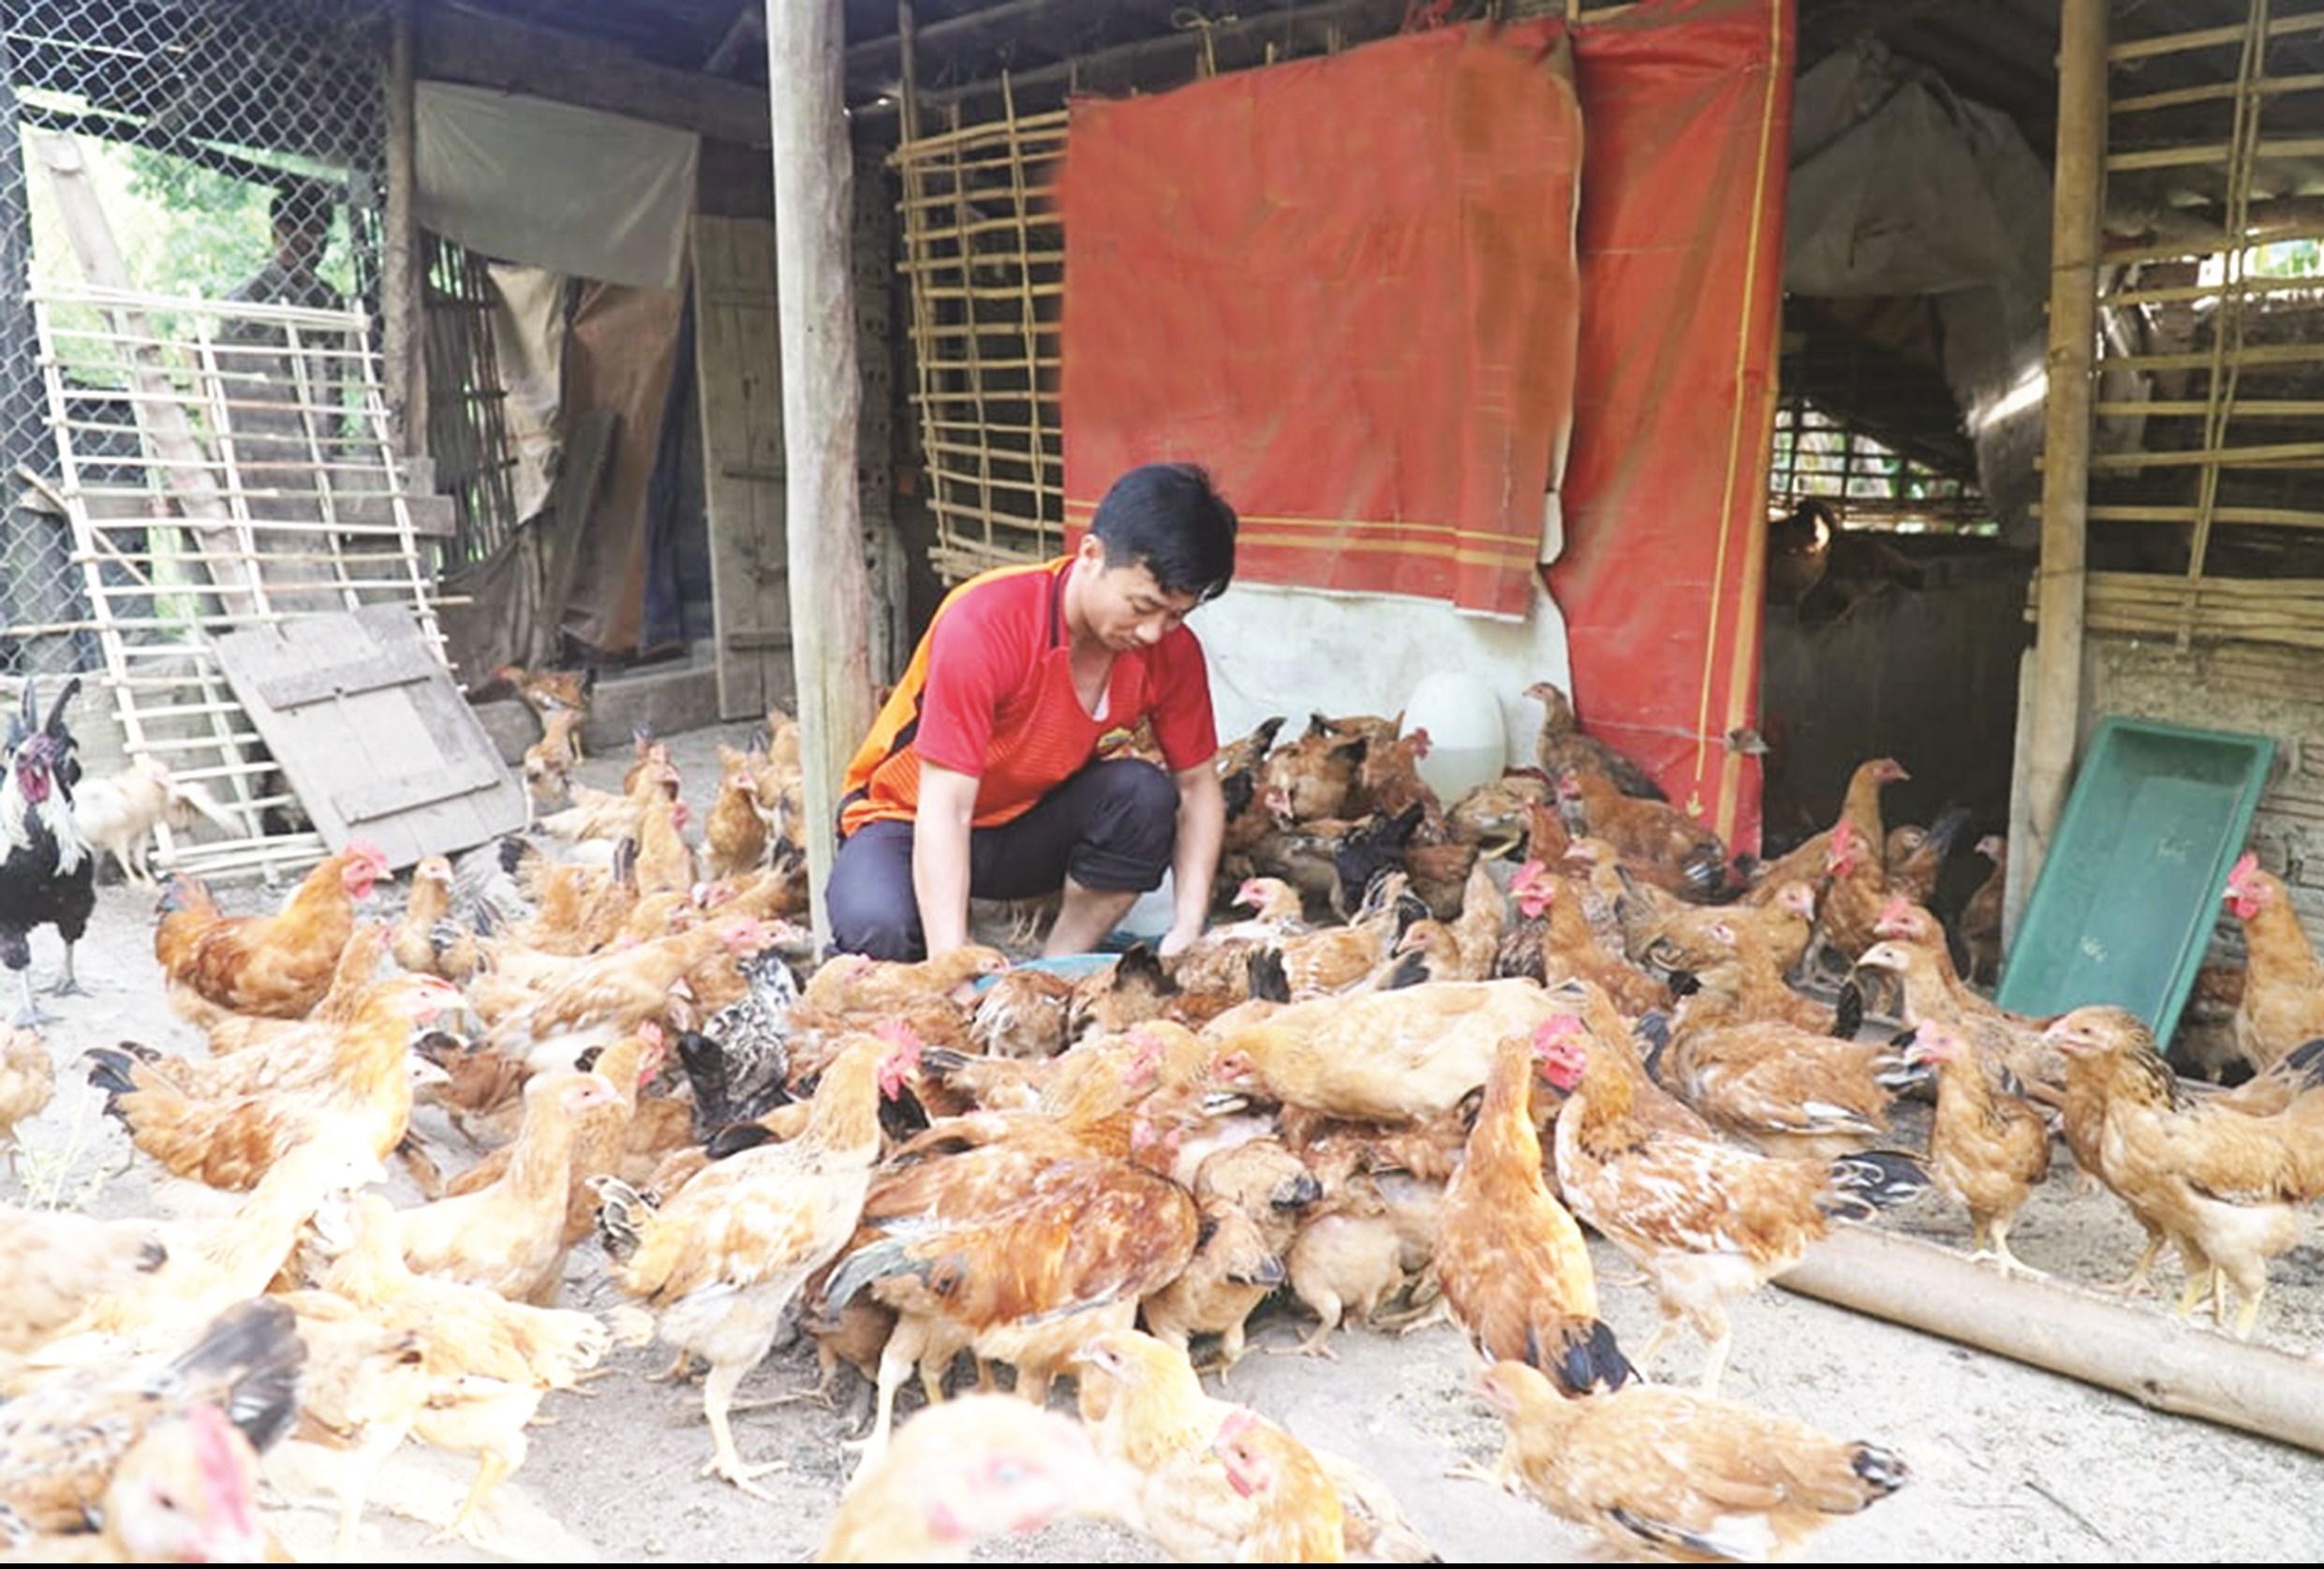 Nông thôn hoàn toàn có thể làm giàu bằng từ nuôi gà ta